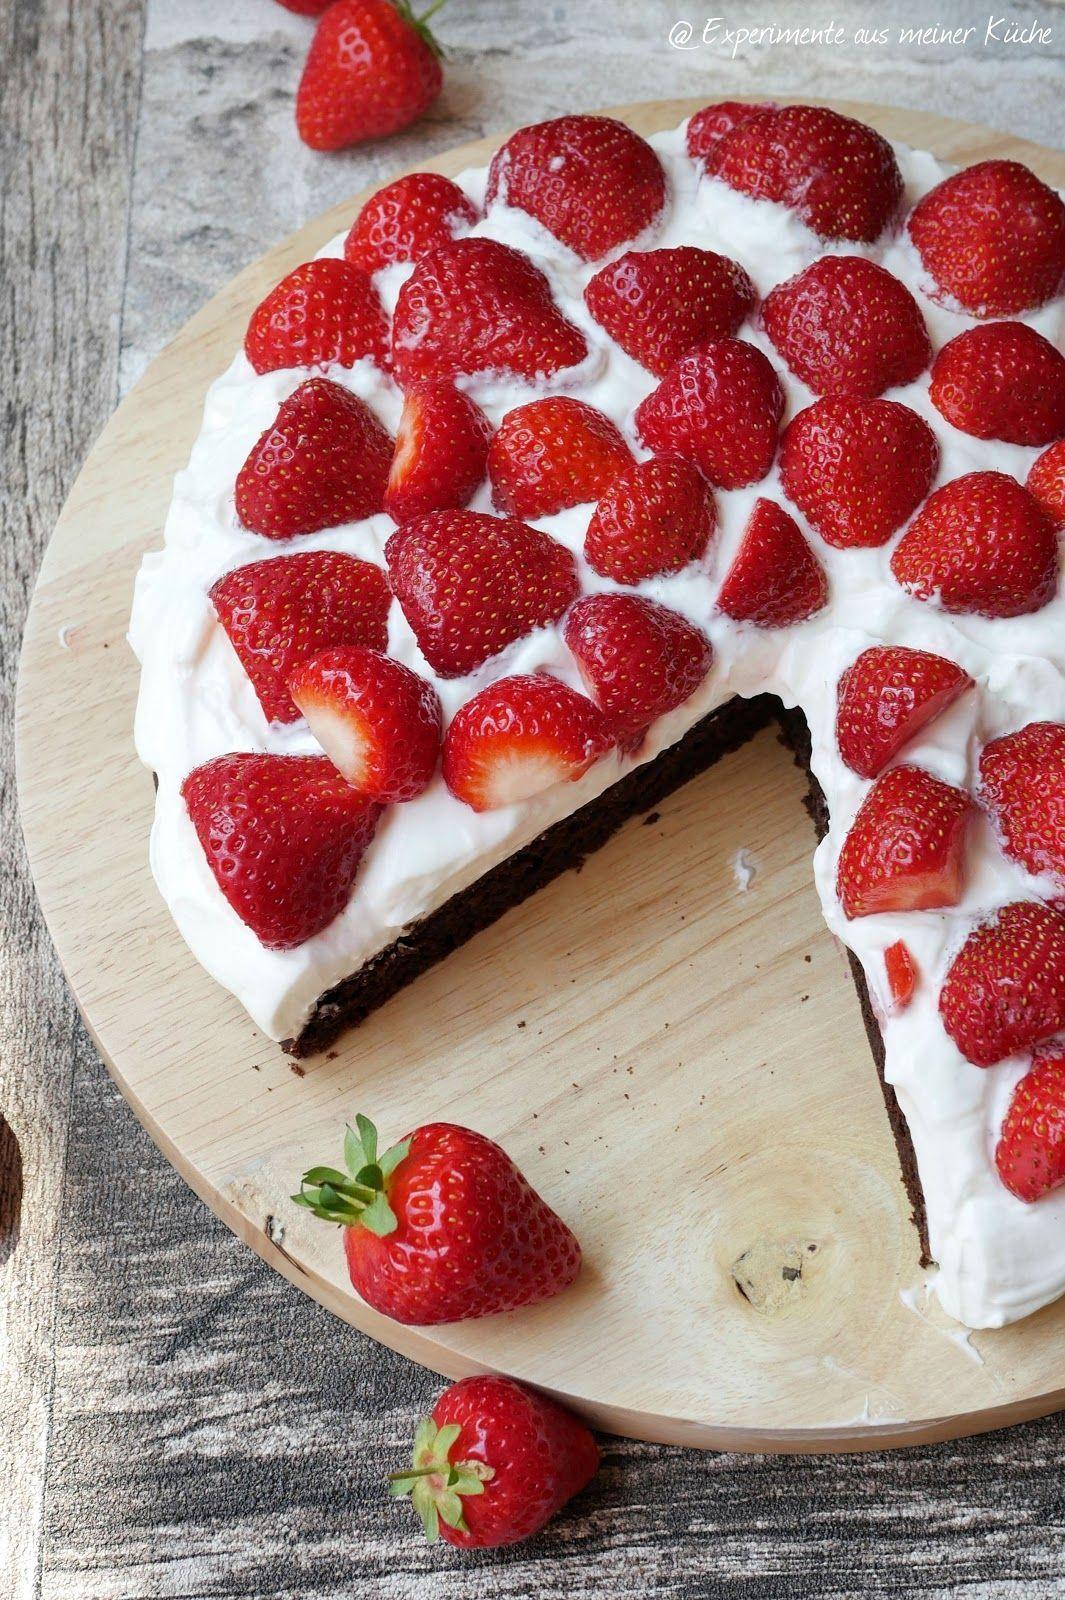 Leichte Erdbeer Brownies Experimente Aus Meiner Kuche Aus Brownies Erdbeer Erdbeerbrownies Experimente Kuche Leichte Meiner